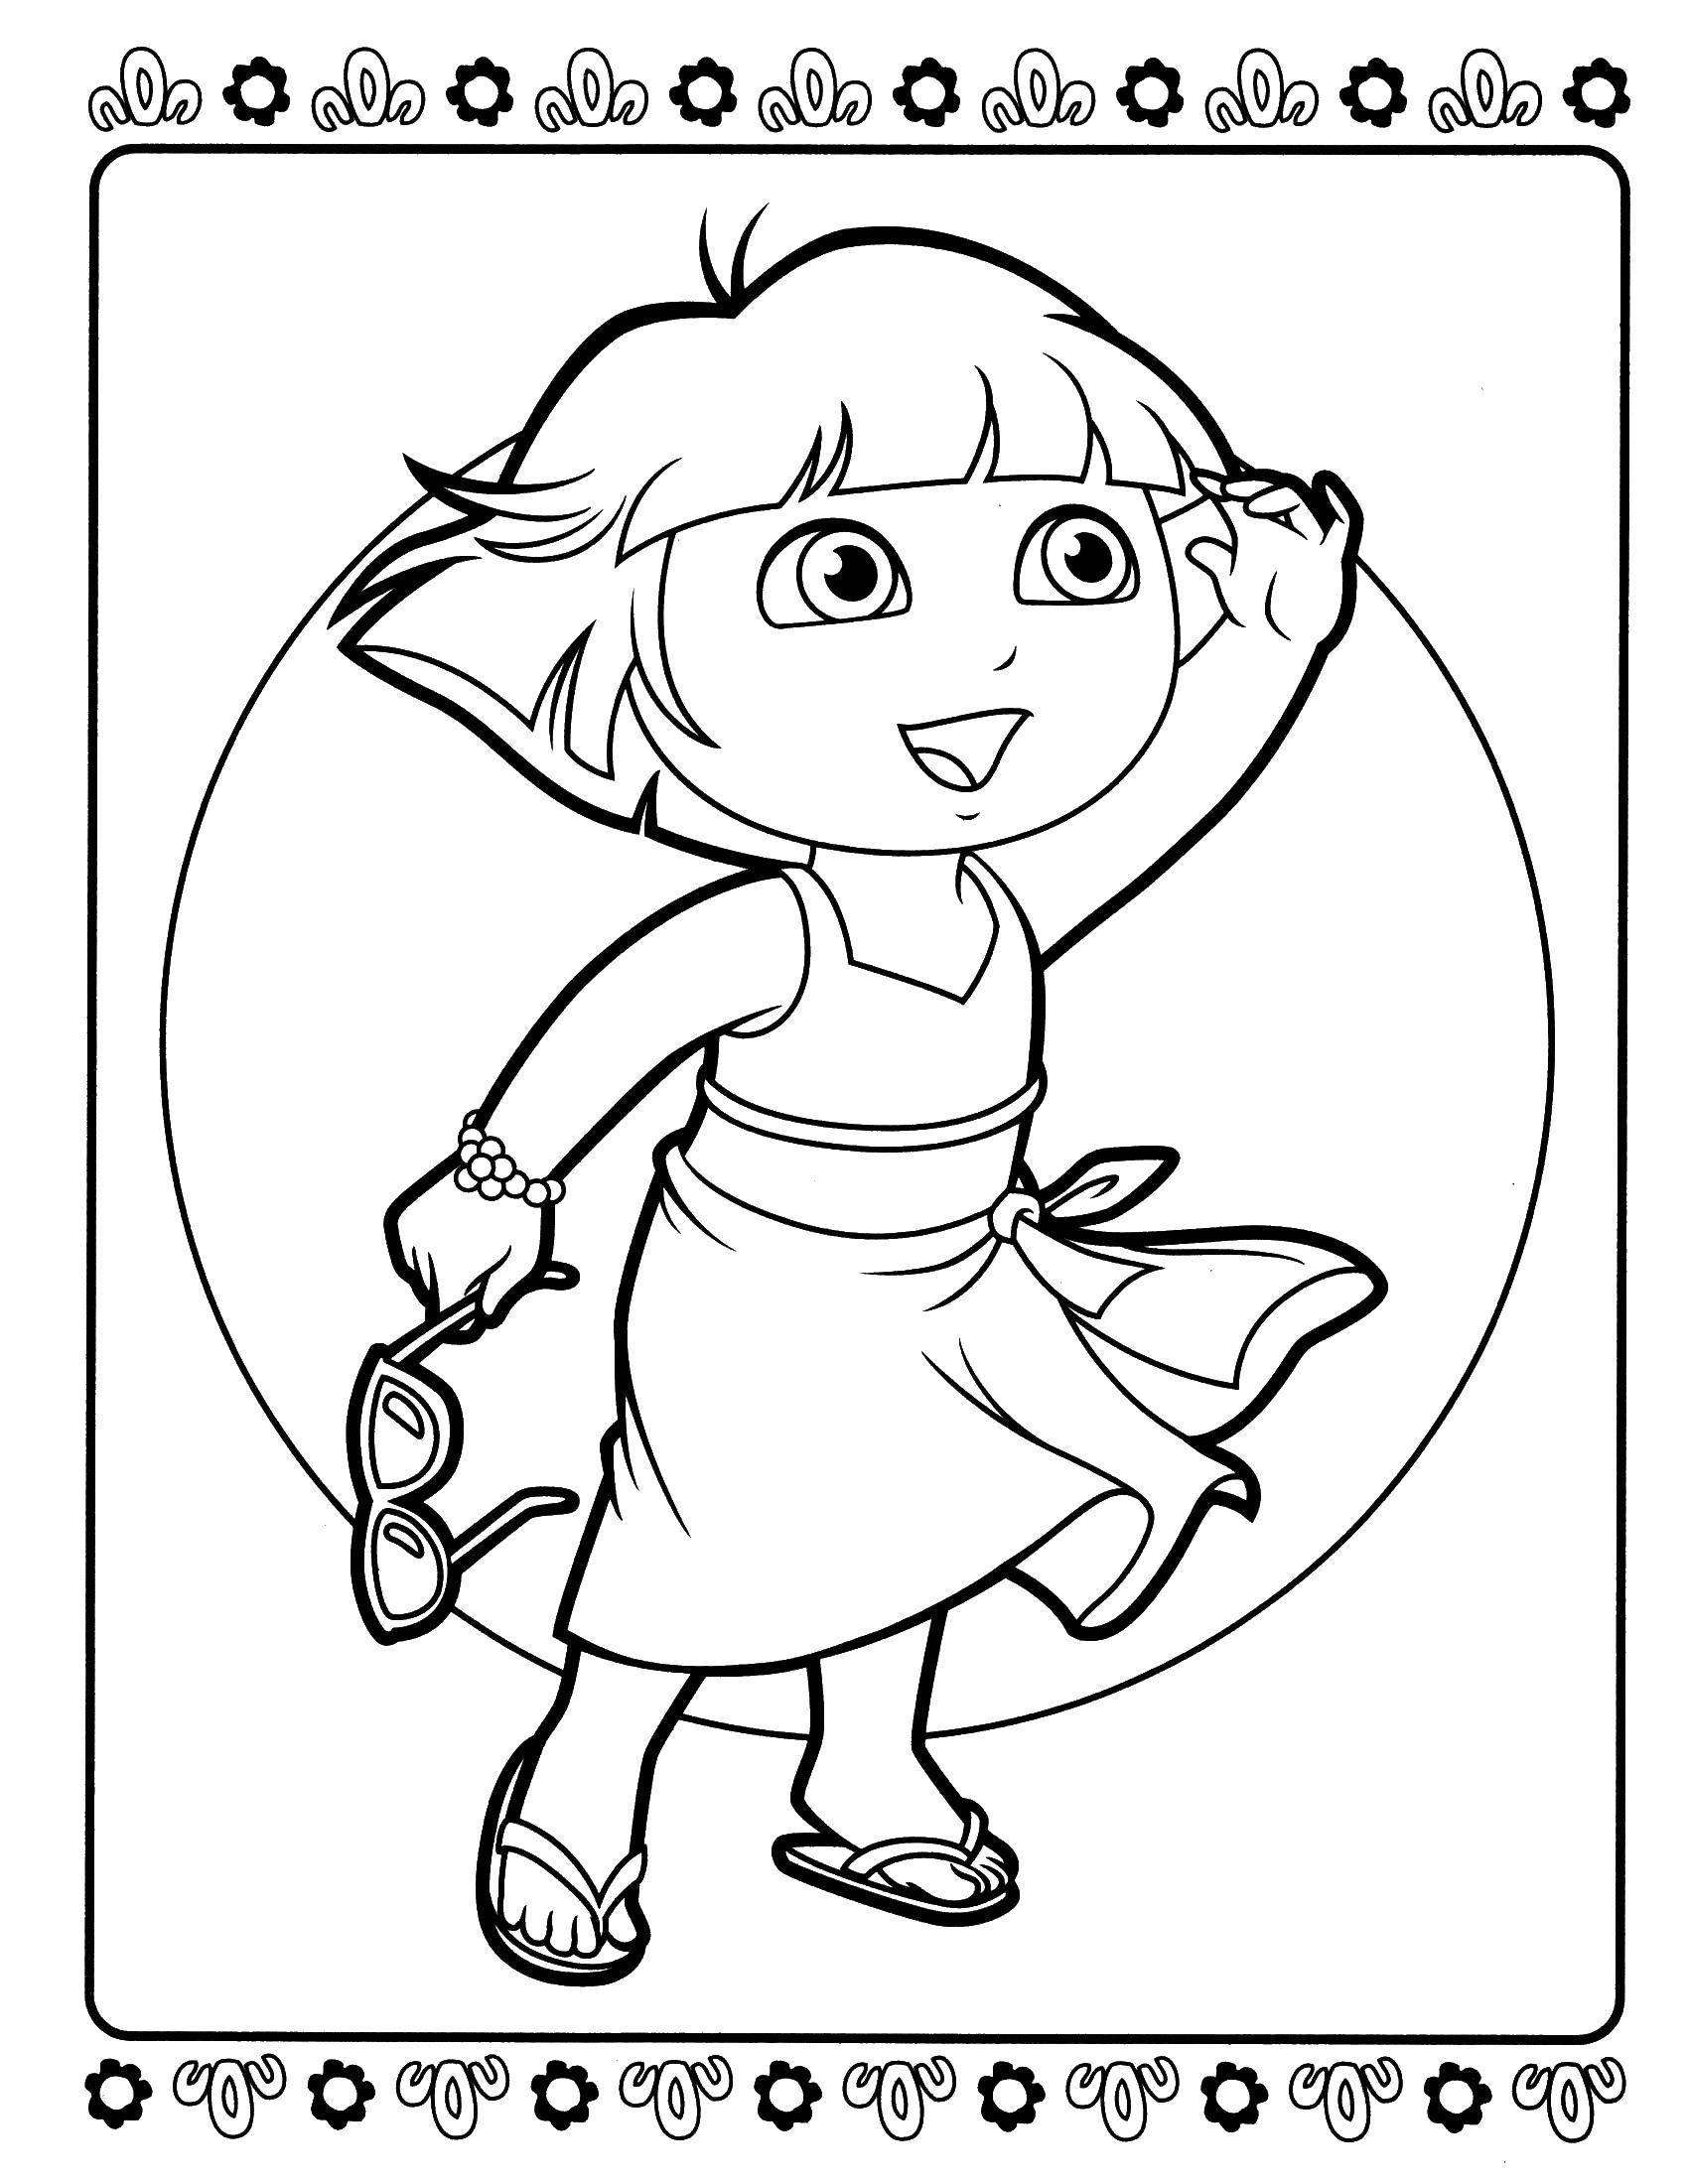 Раскраска Даша на солнышке Скачать ,Персонаж из мультфильма,.  Распечатать